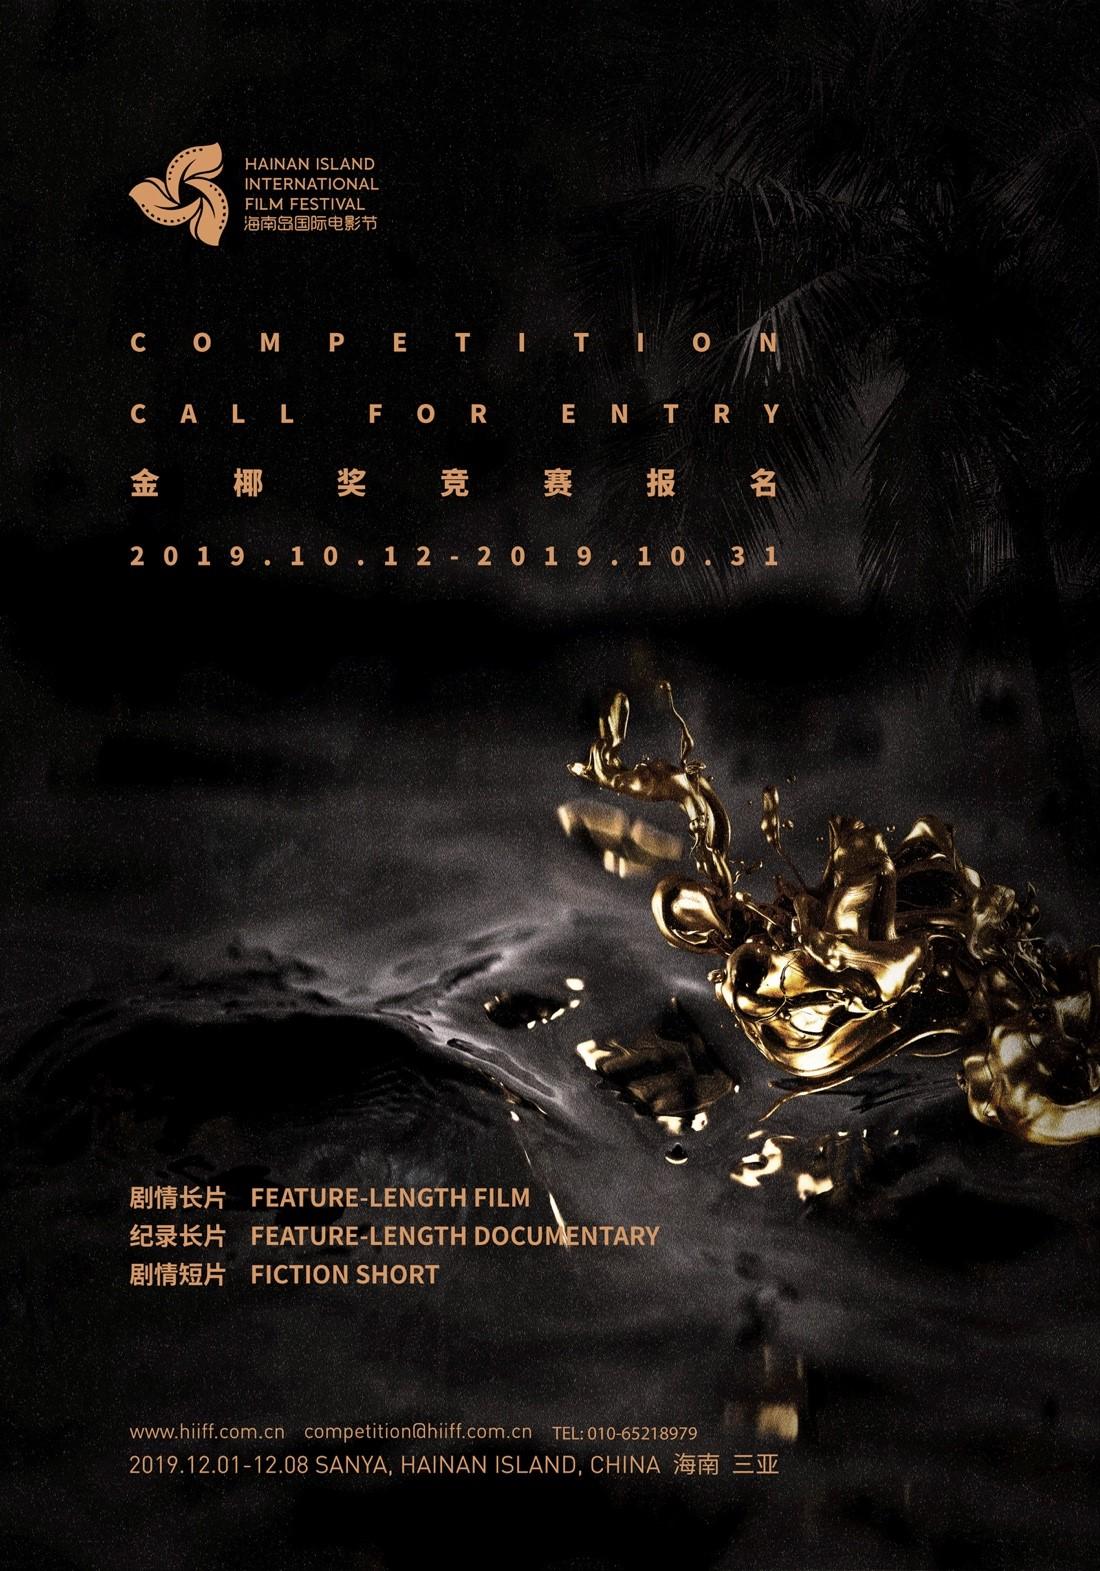 """""""金椰奖""""来了!海南岛国际电影节首次增设竞赛单元评选"""